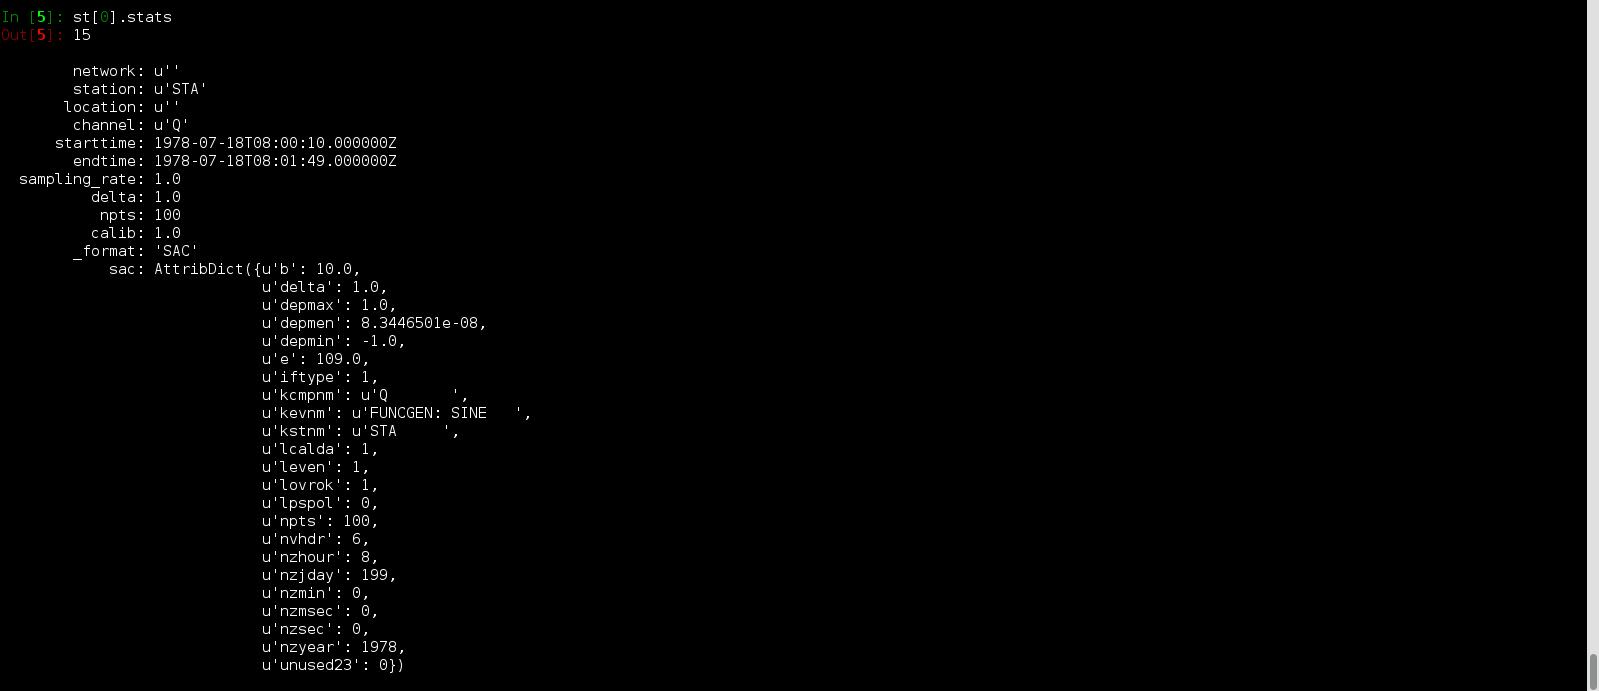 screenshot from 2017-05-18 12 58 21